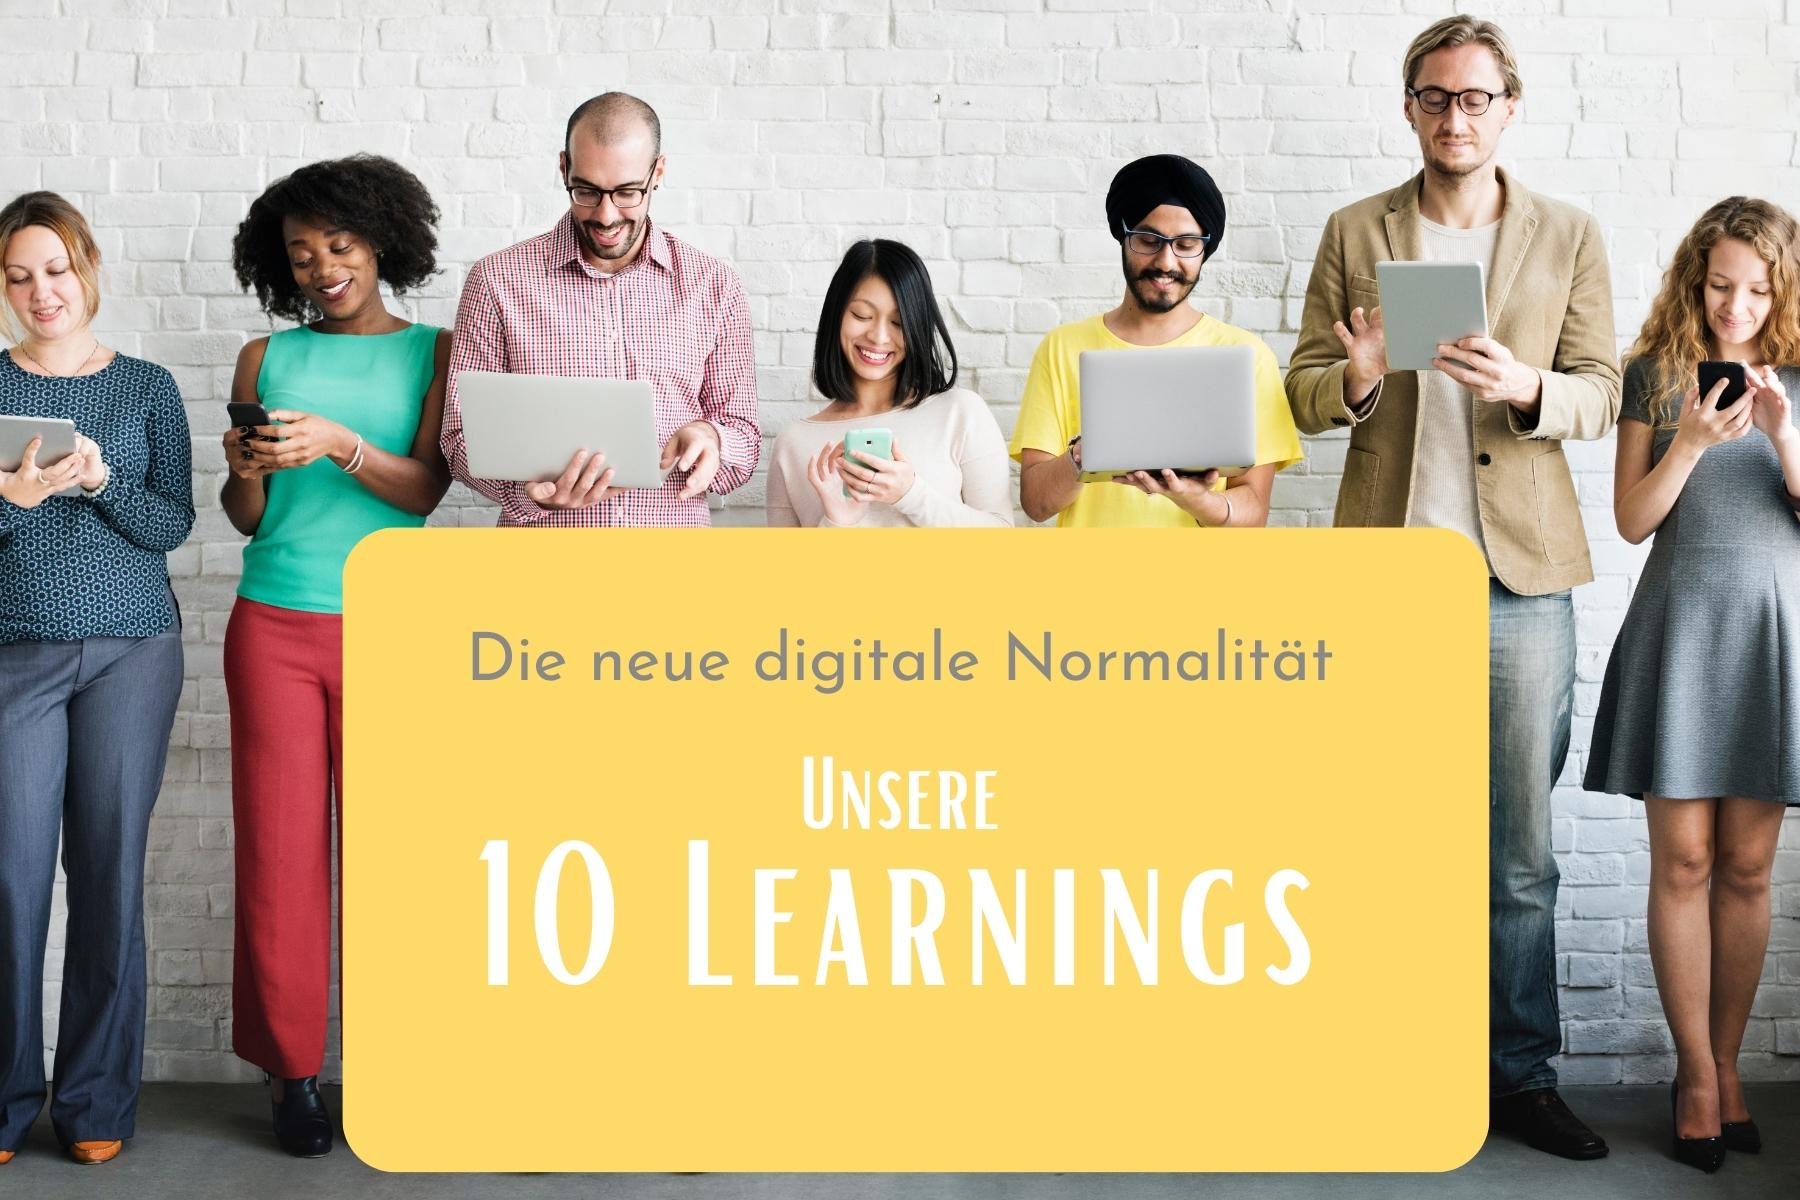 Die neue digitale Normalität